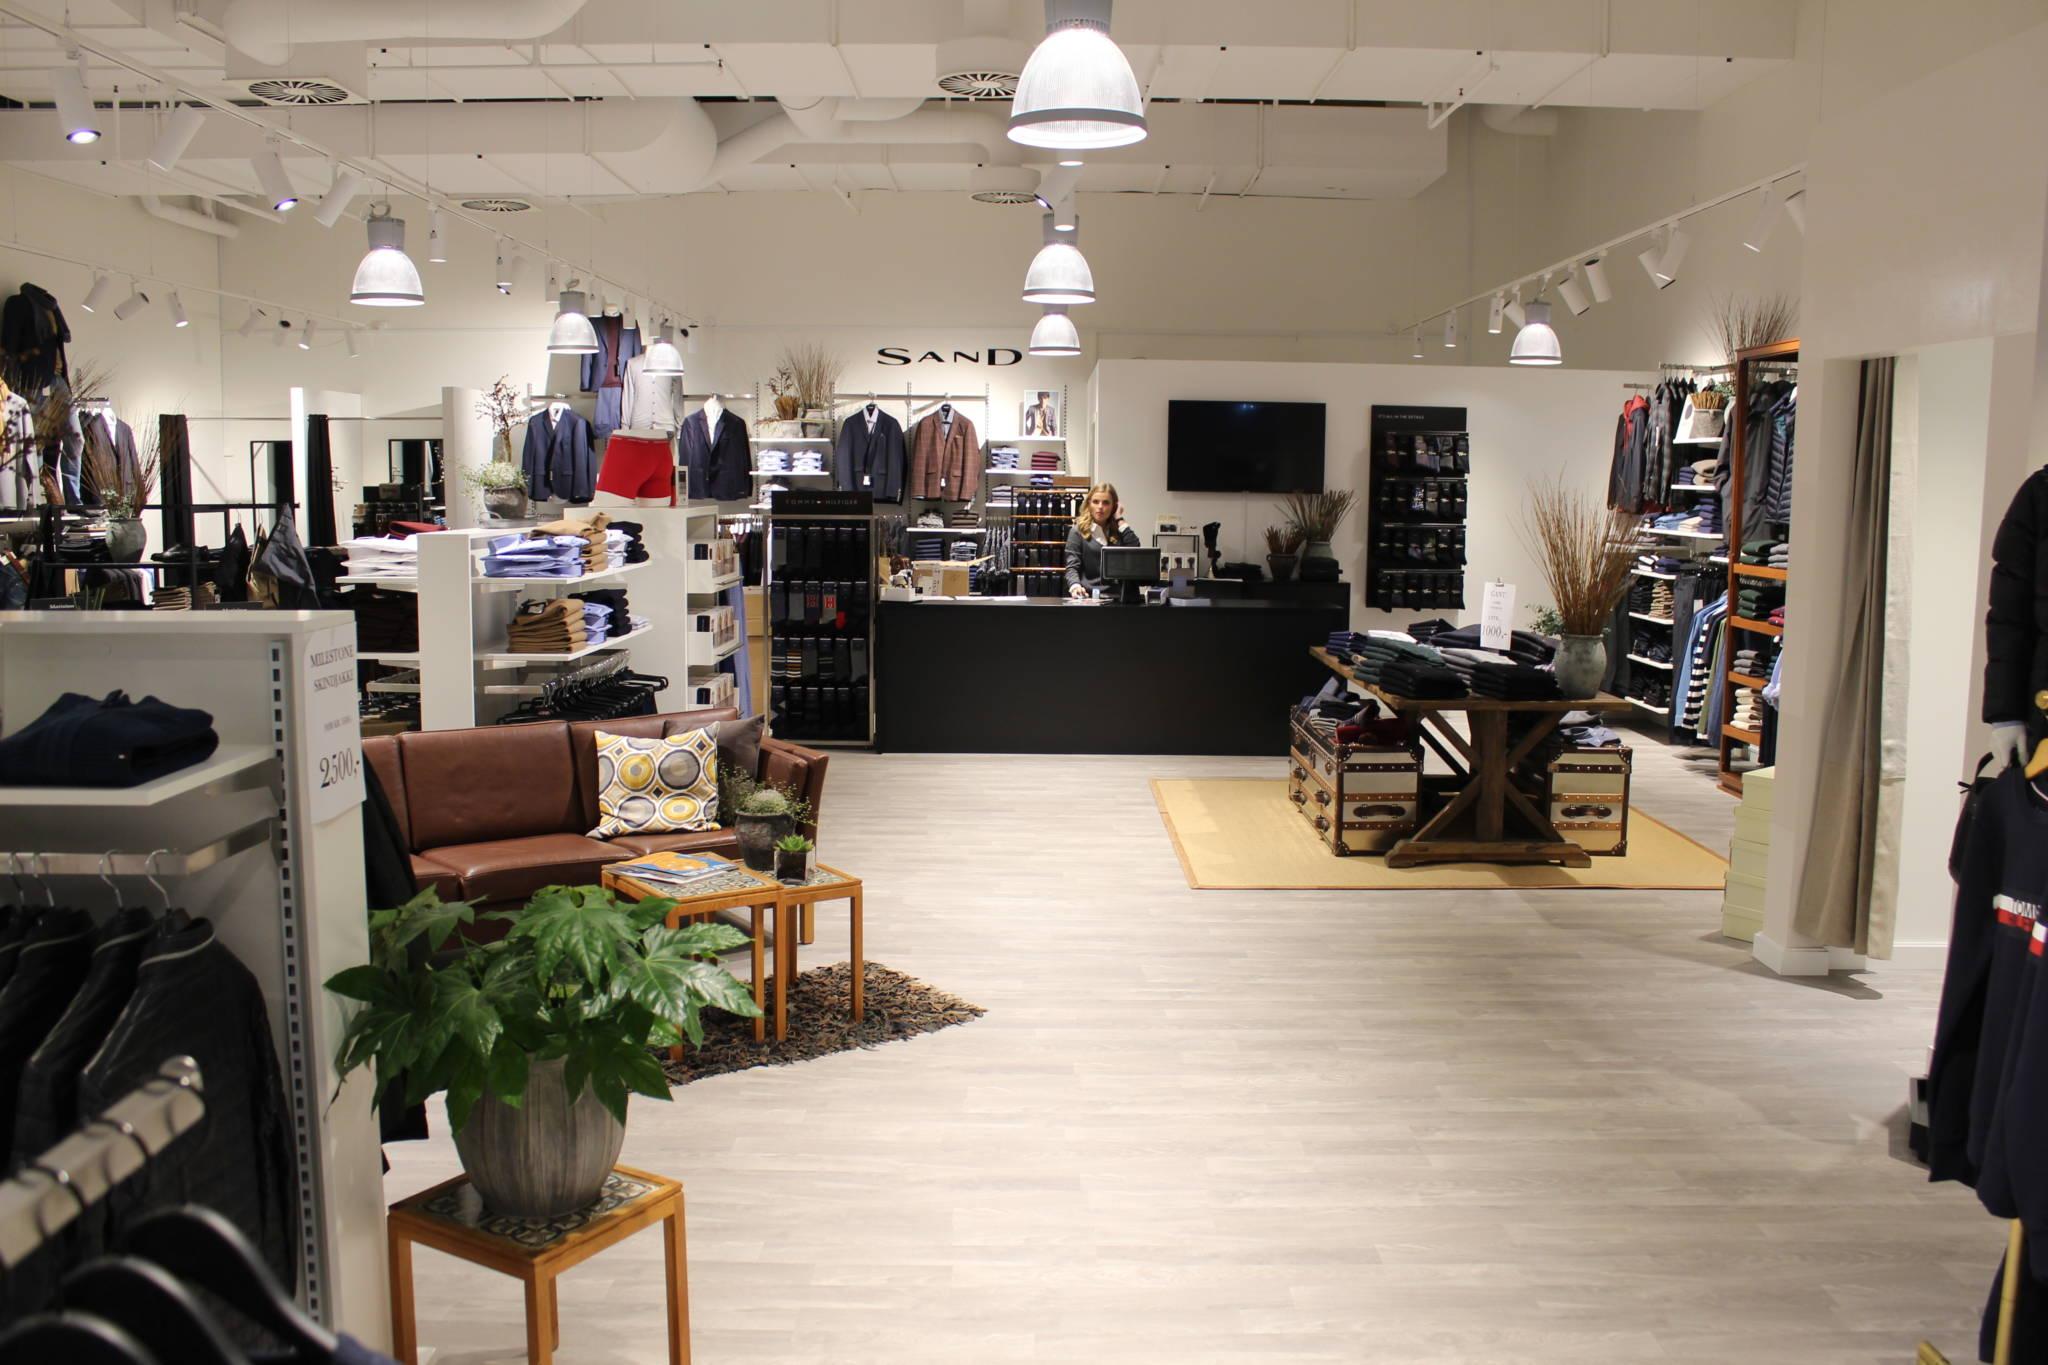 mister Mr. herrebutik med god plads. Butiksindretning og butiksinventar